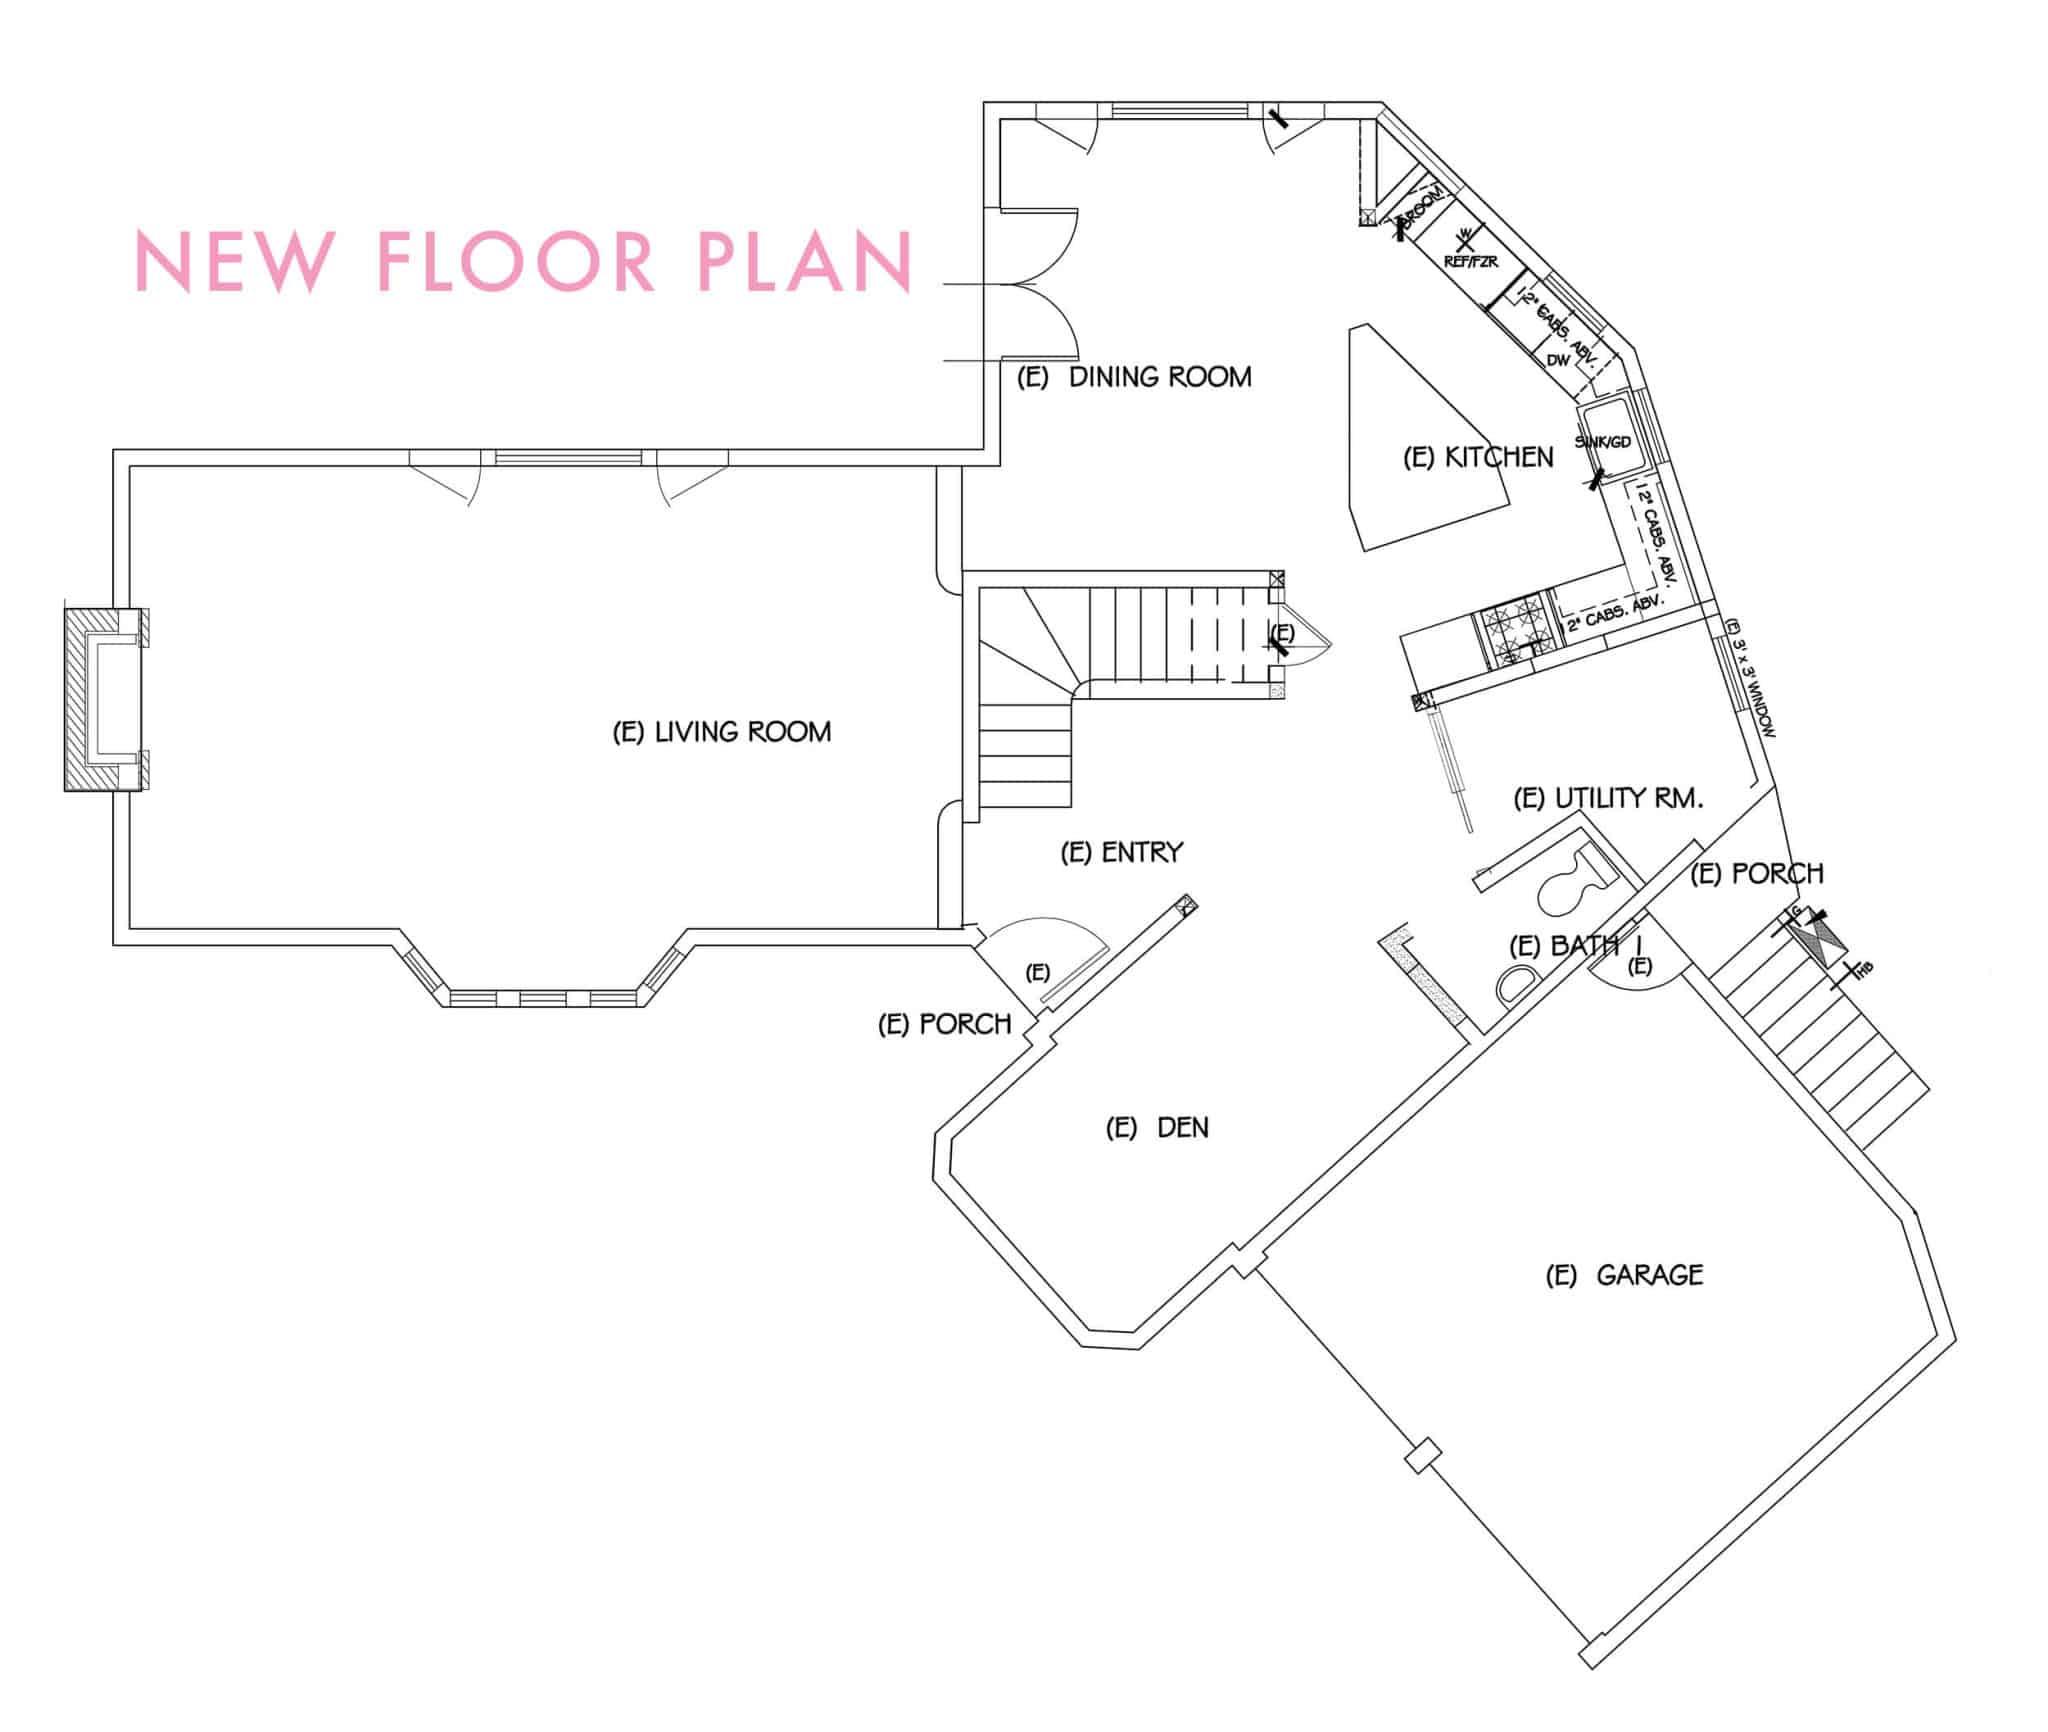 original_floor-plan_revised-floor-plan_new-floor-plan